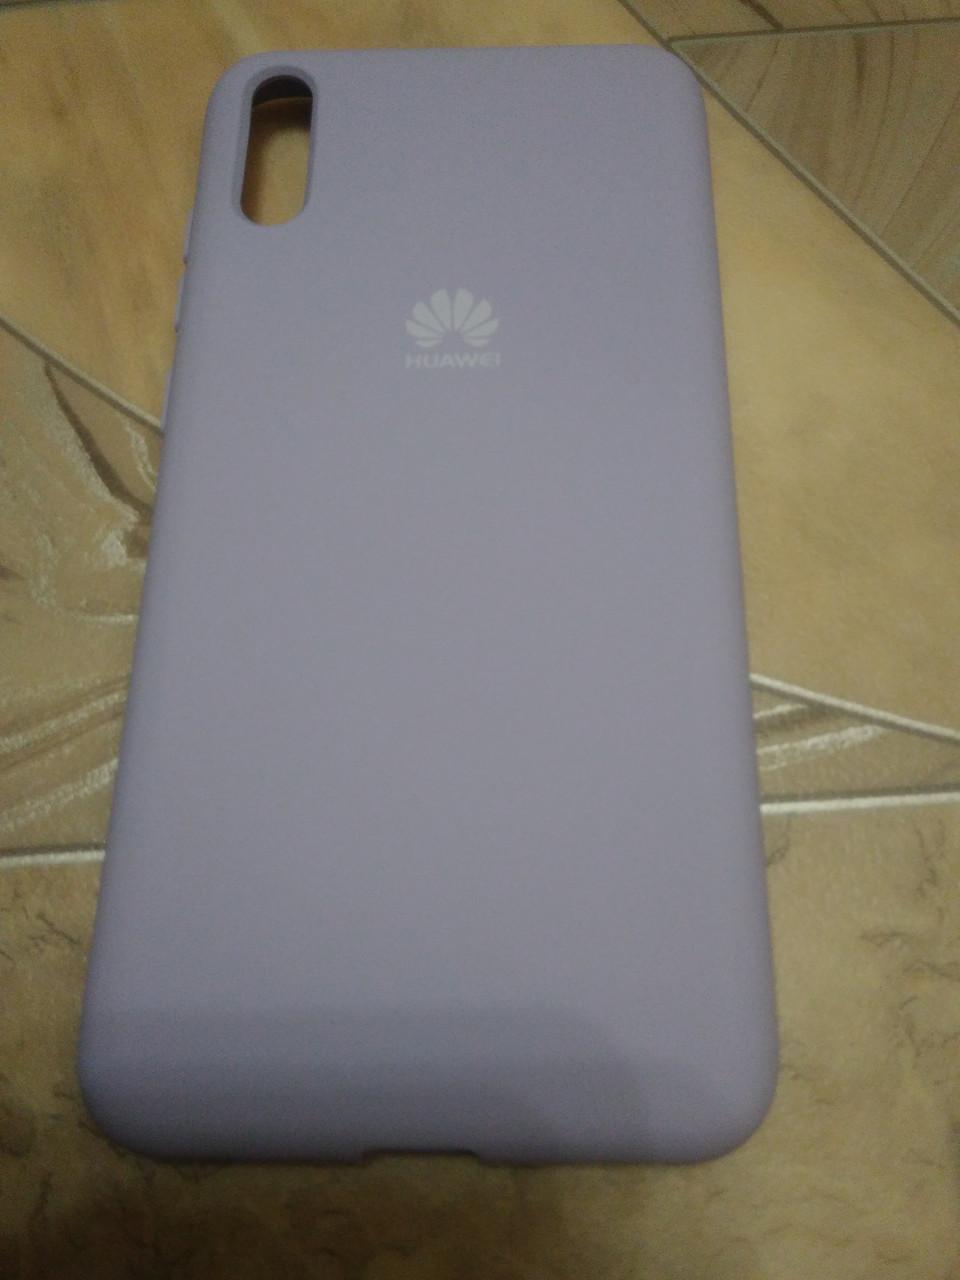 Накладка   Silicon Cover full   для  Huawei  Y5  2019  /  Honor 8S  ( фиолетовый)